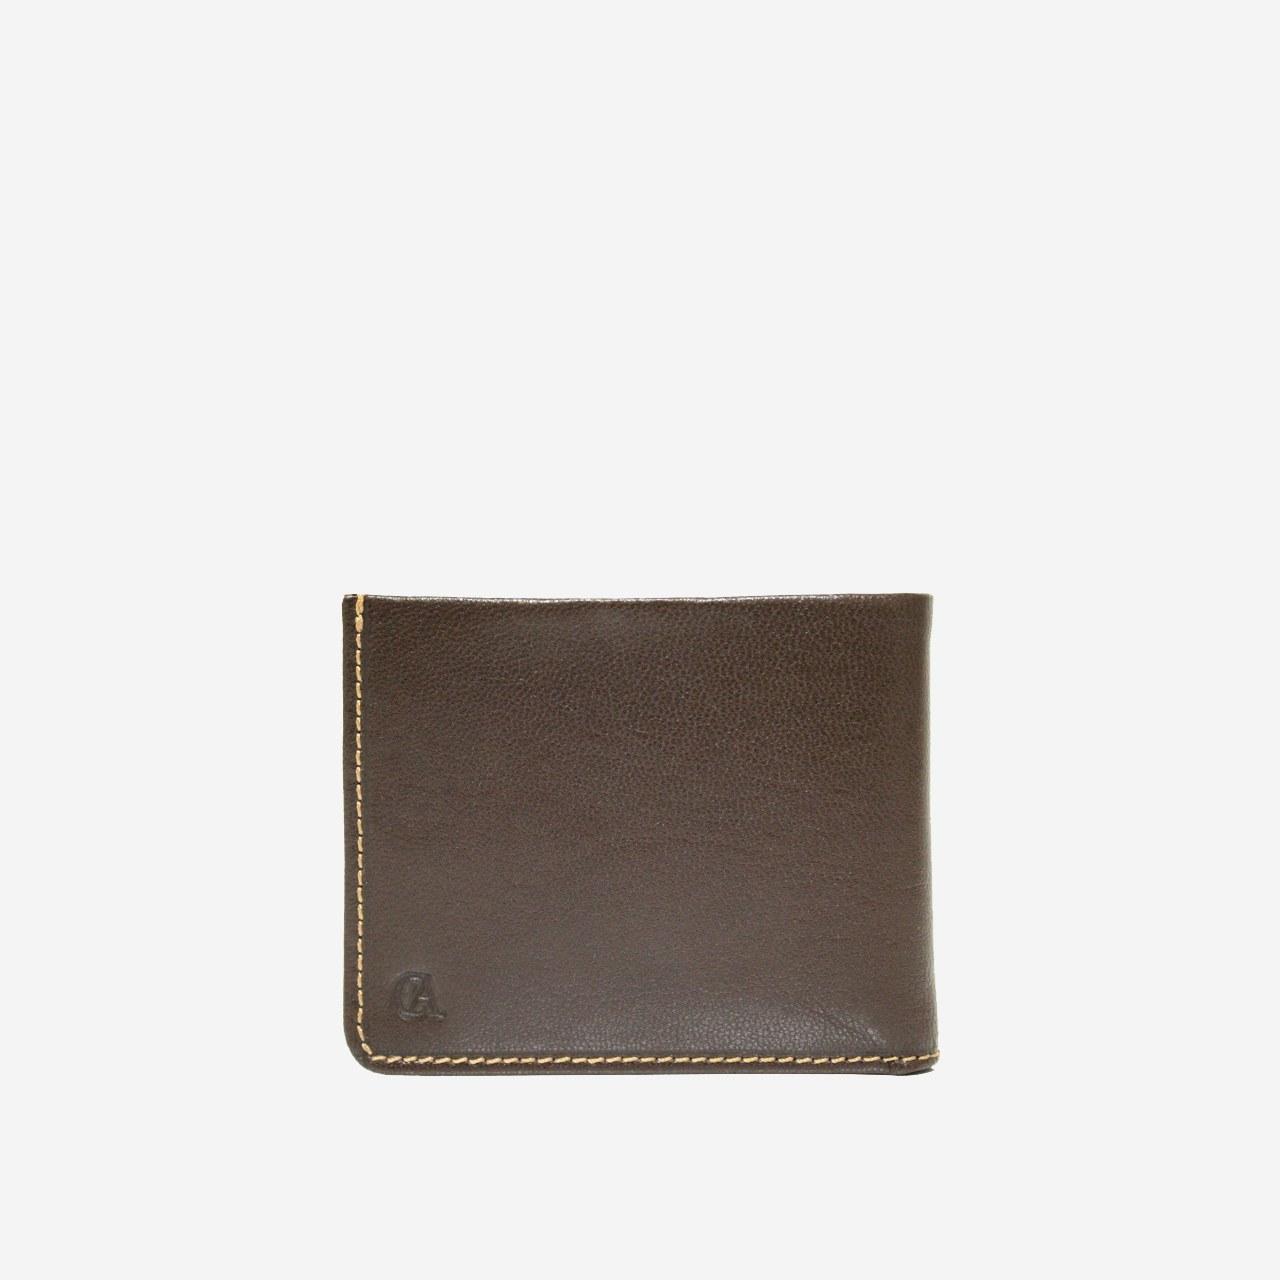 کیف پول چرم طبیعی چرم آرا مدل n019